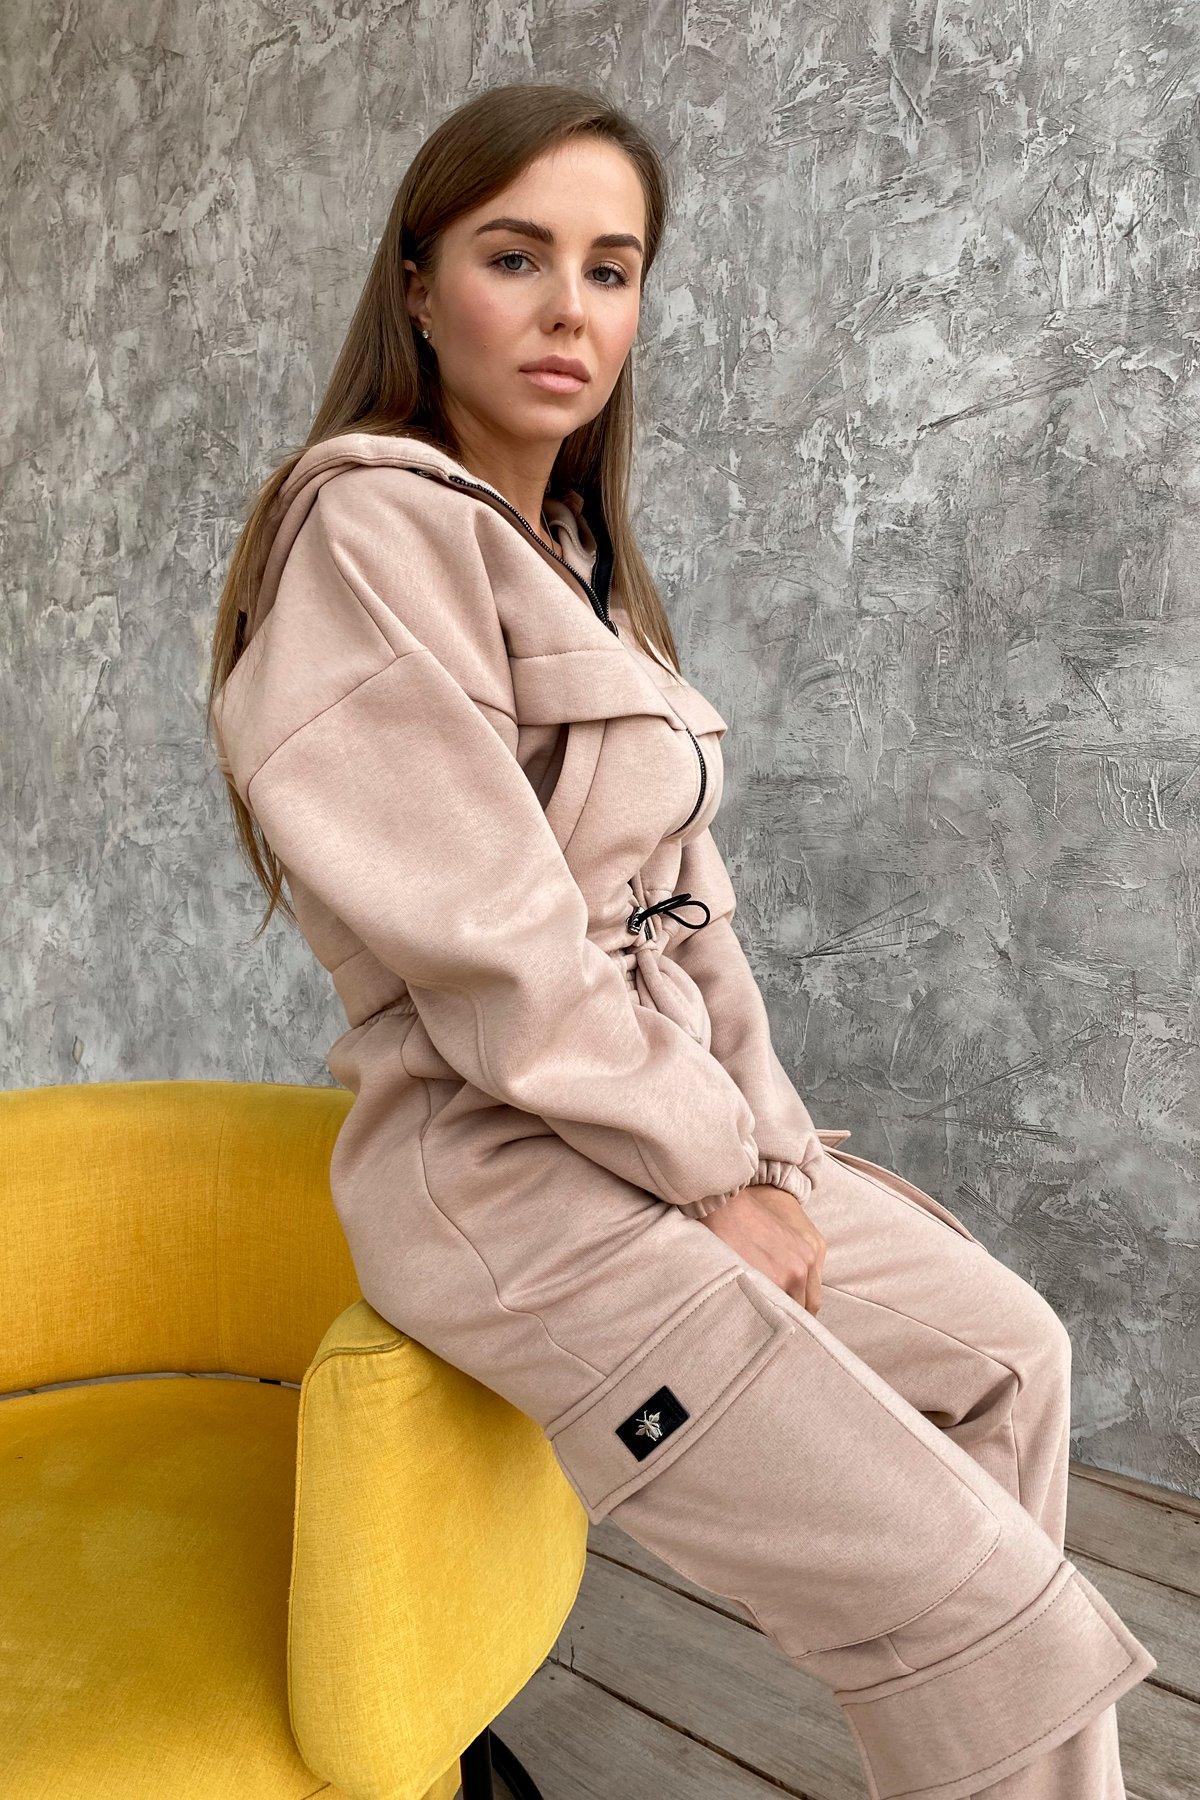 Кьюи  прогулочный костю 3х нитка с начесом 9933 АРТ. 46257 Цвет: Бежевый - фото 8, интернет магазин tm-modus.ru